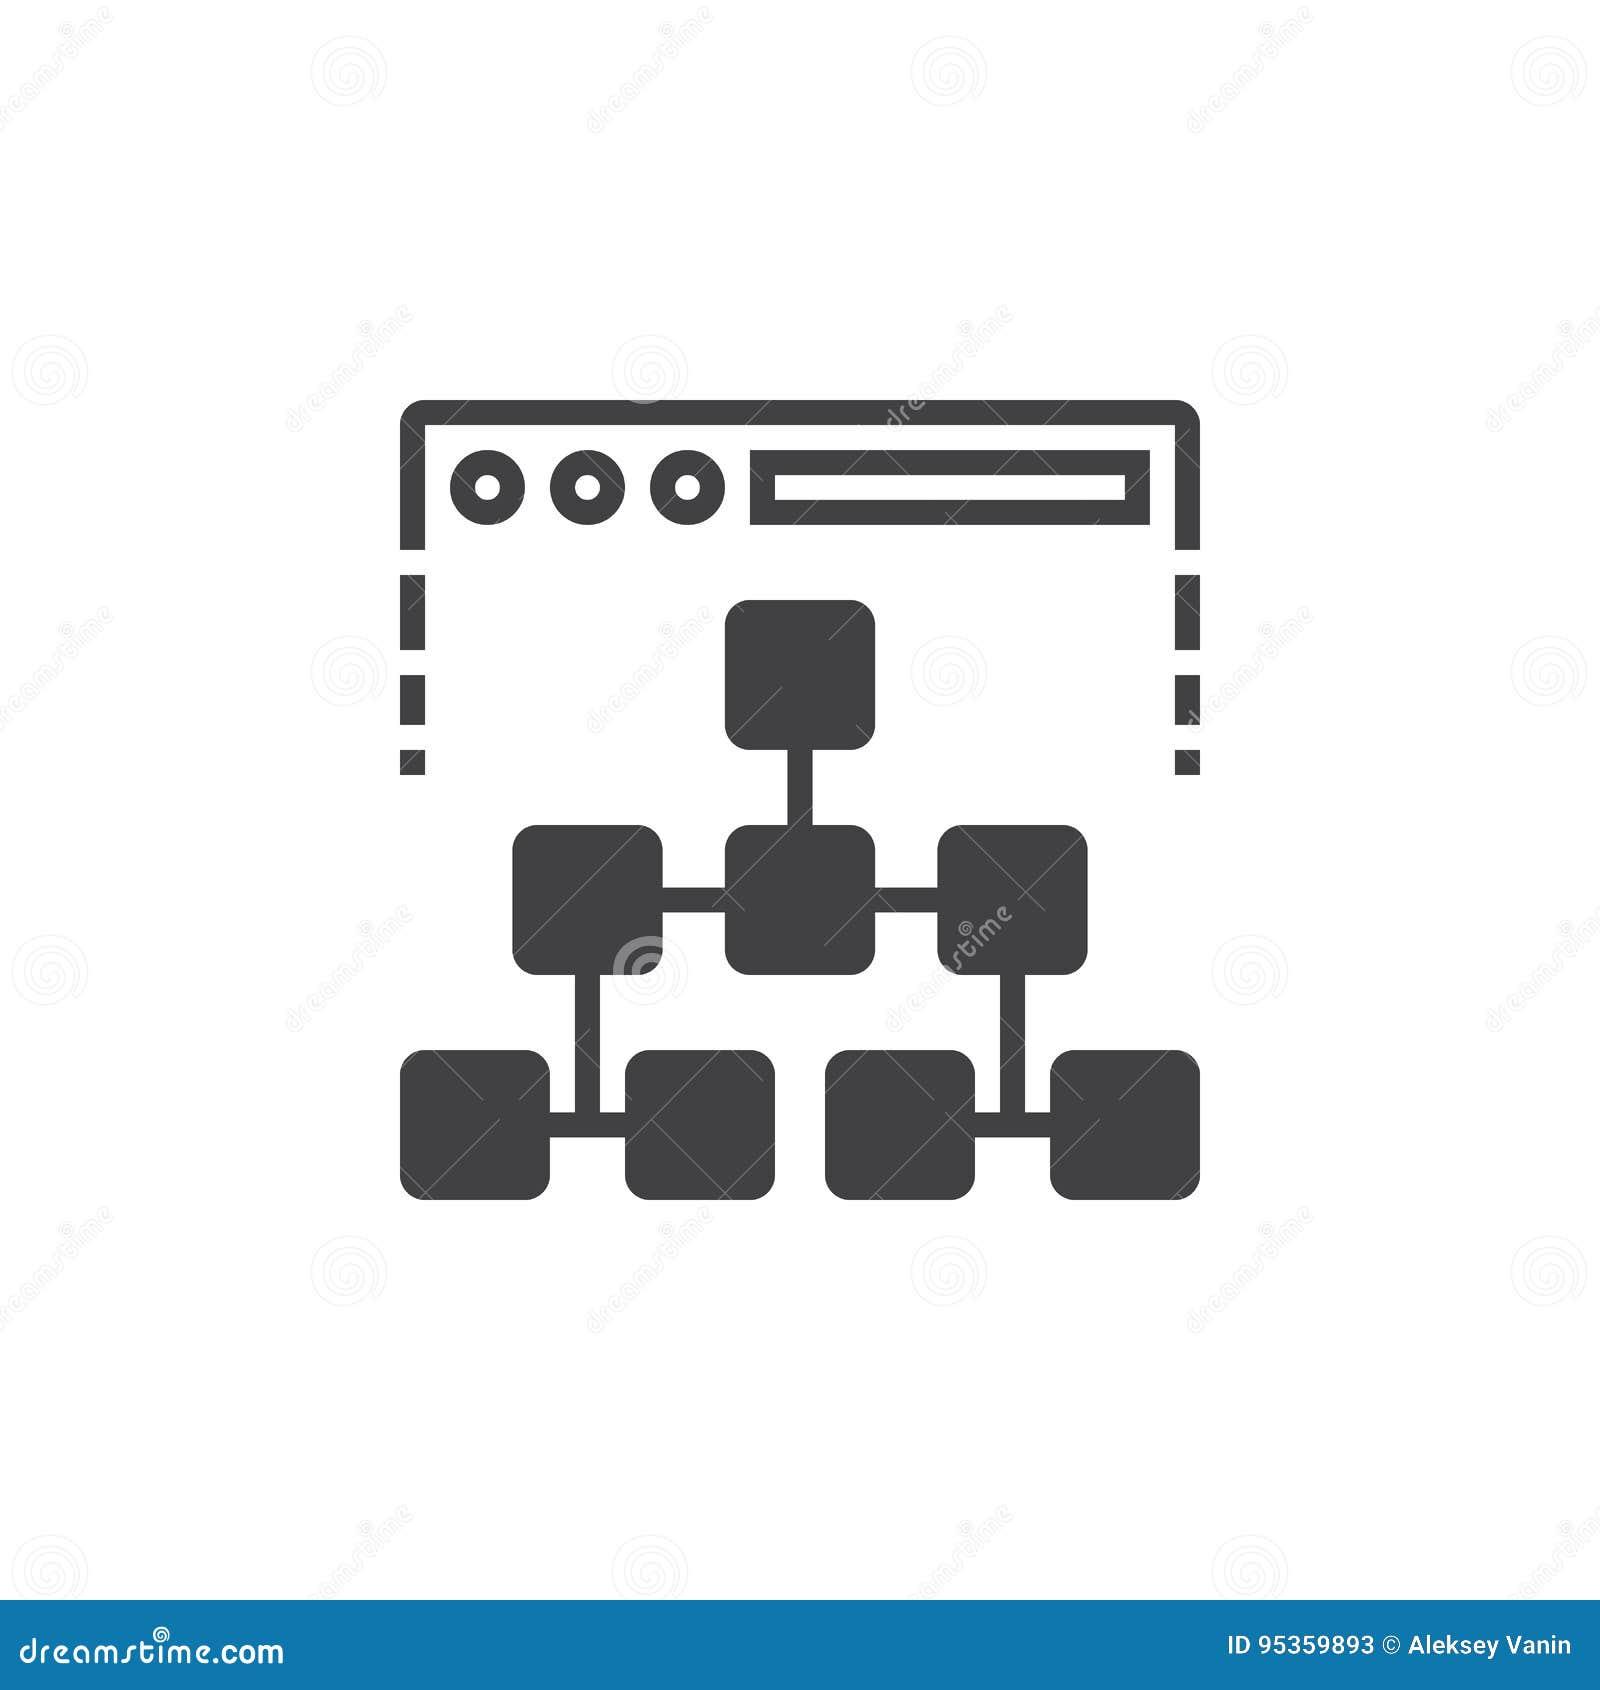 Sitemapikonenvektor, gefülltes flaches Zeichen, festes Piktogramm lokalisiert